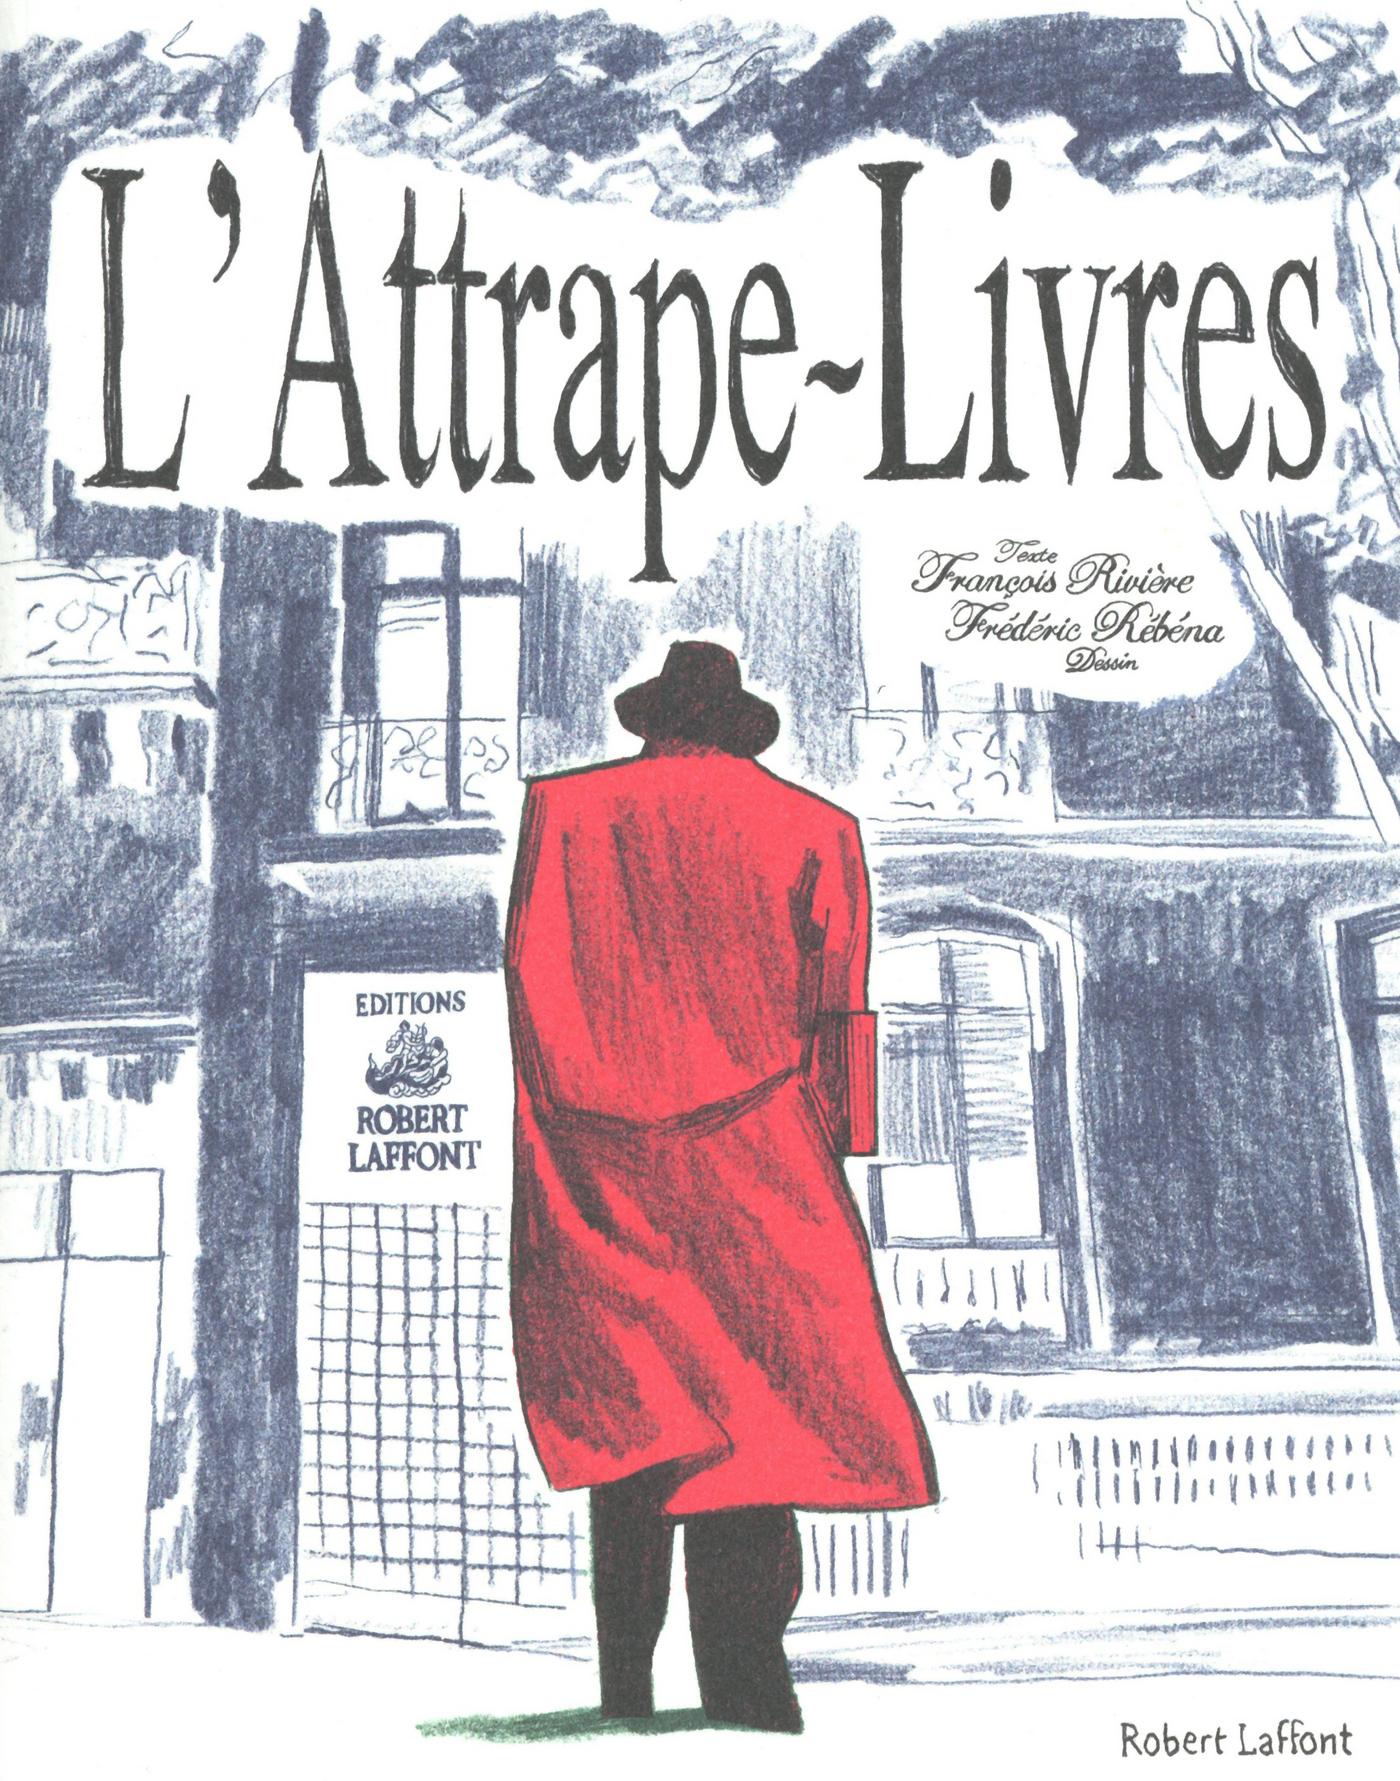 Couverture : Attrape-livres ou La vie très privée d'une maison d'édition (L') Frédéric Rébéna, François Rivière